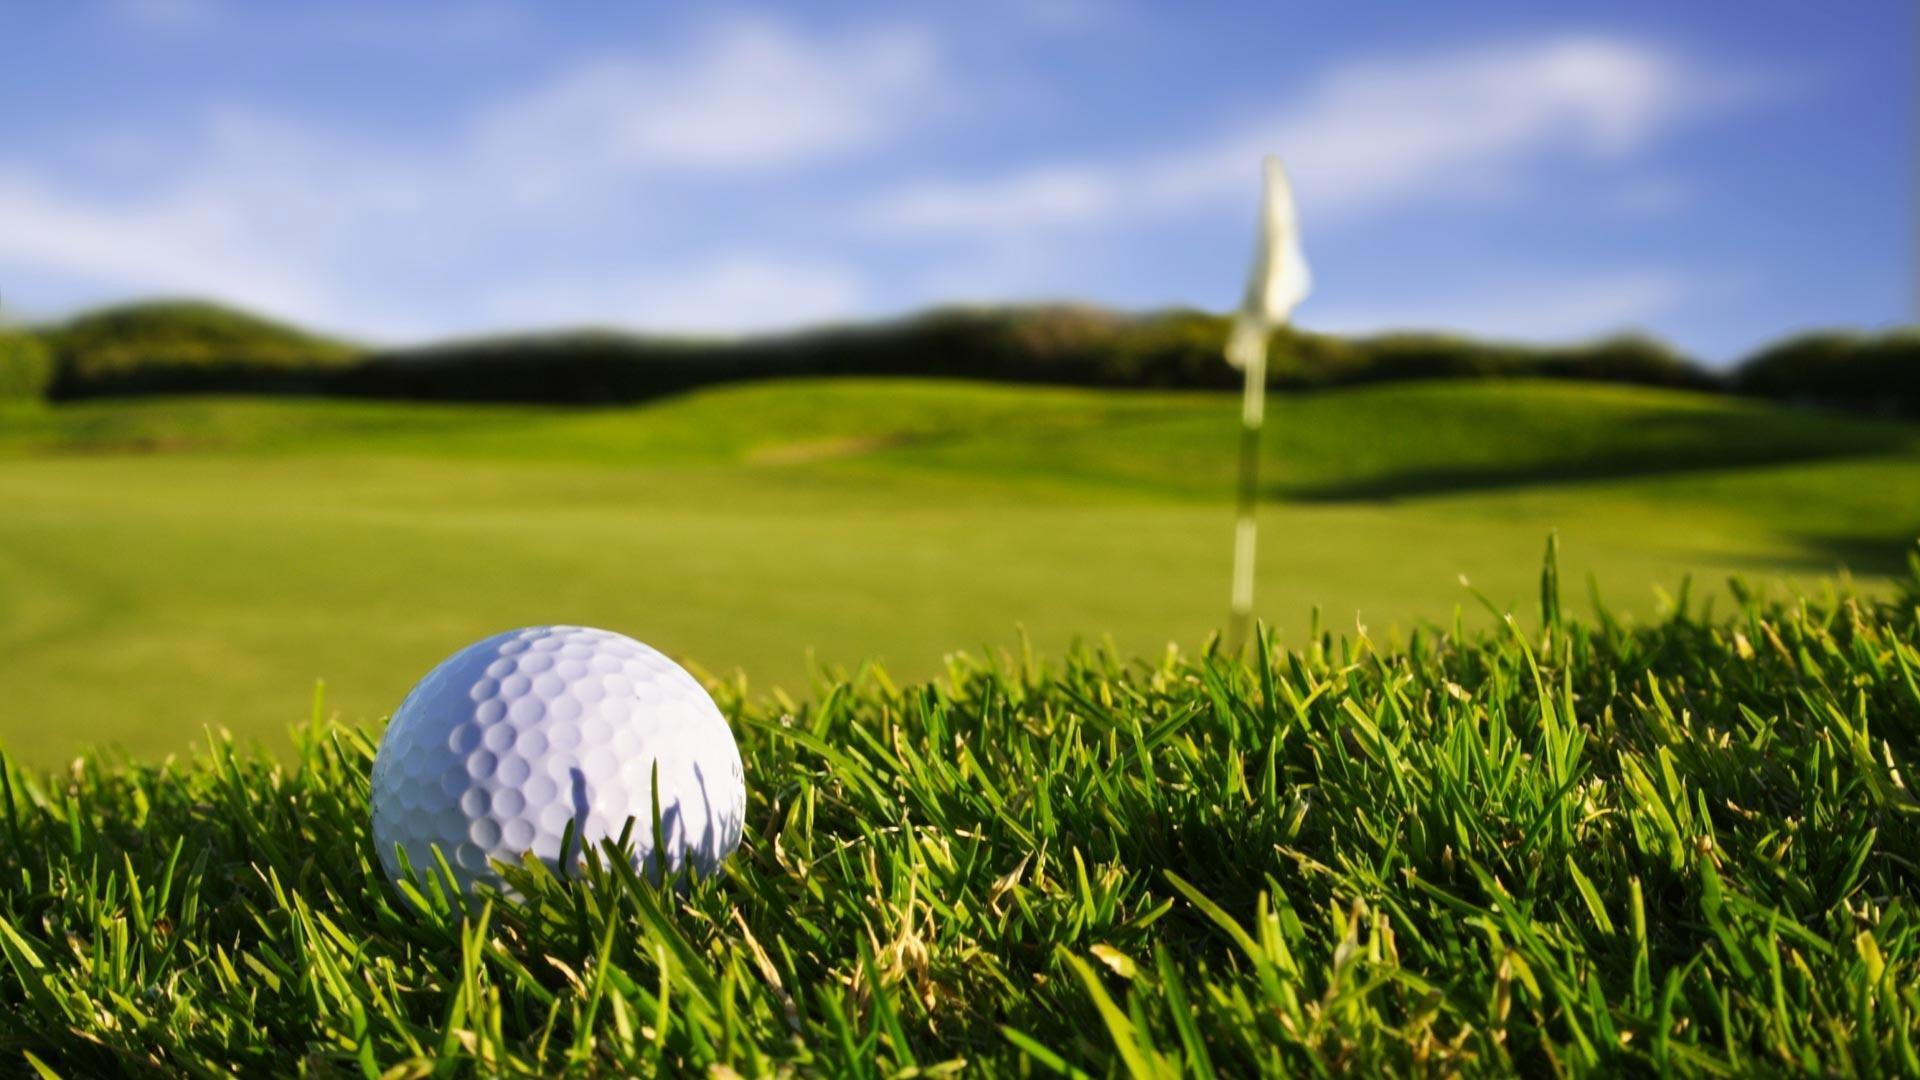 Closeup-Golf-Ball-Over-%E2%80%93-1080p